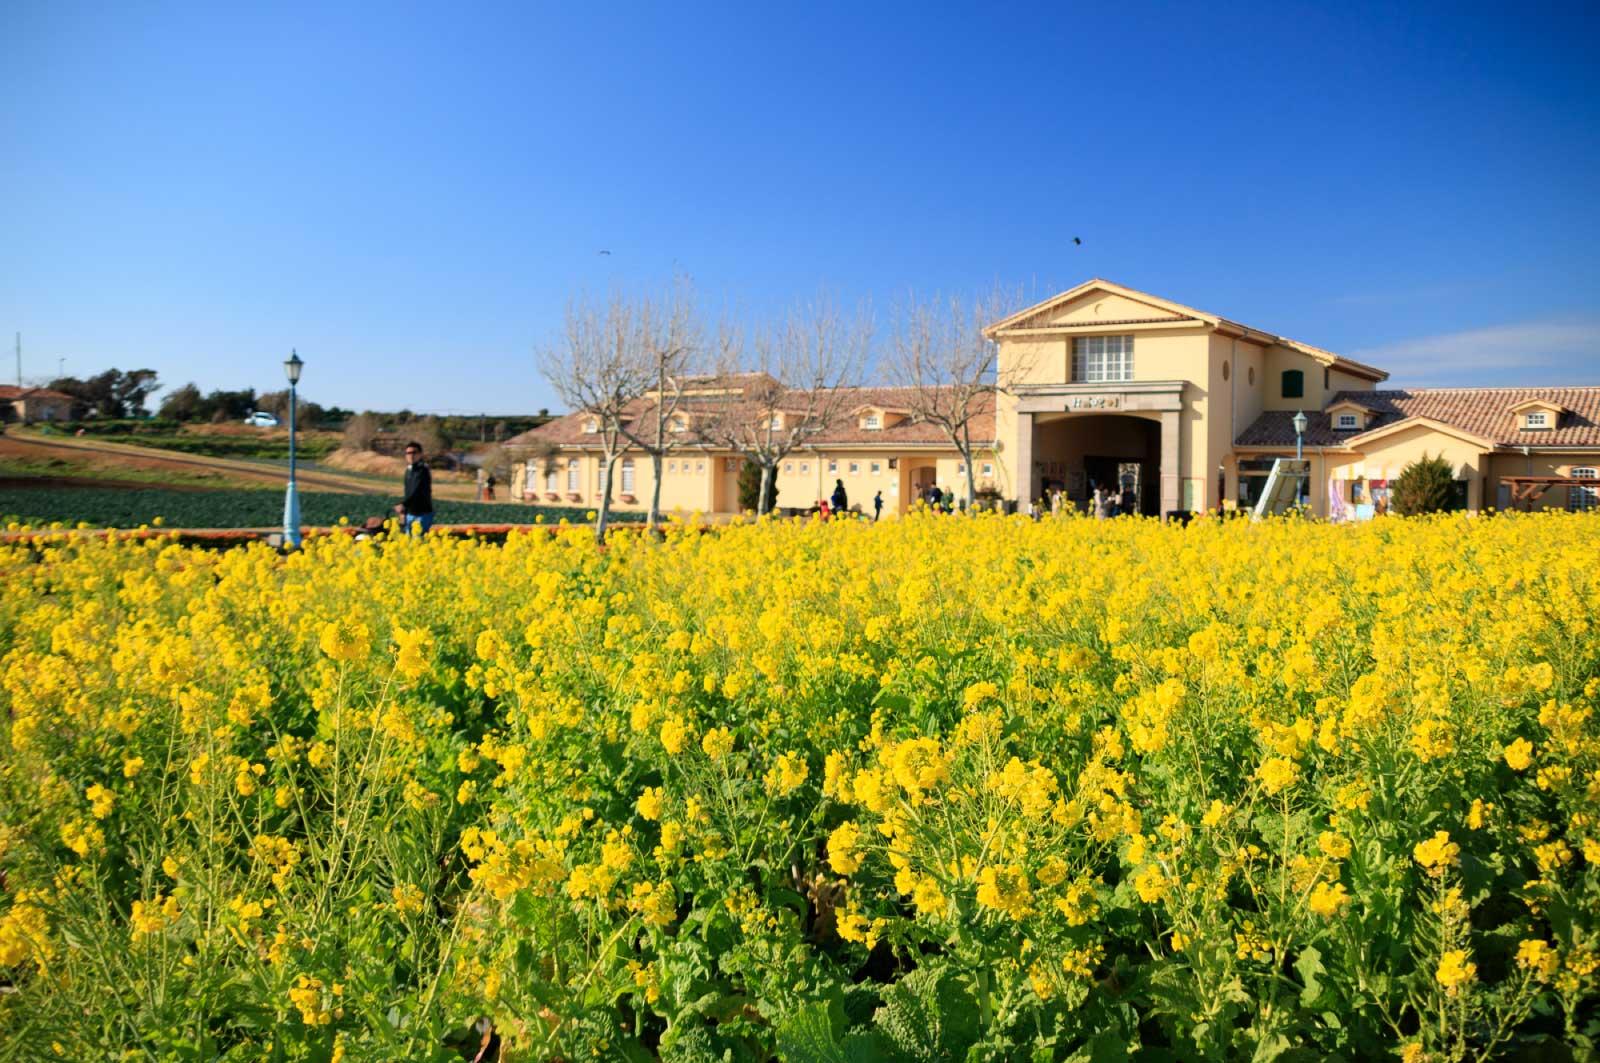 園内自体は「村のエリア」「街のエリア」「水のエリア」「まきばのエリア」という4つのエリアに分かれています